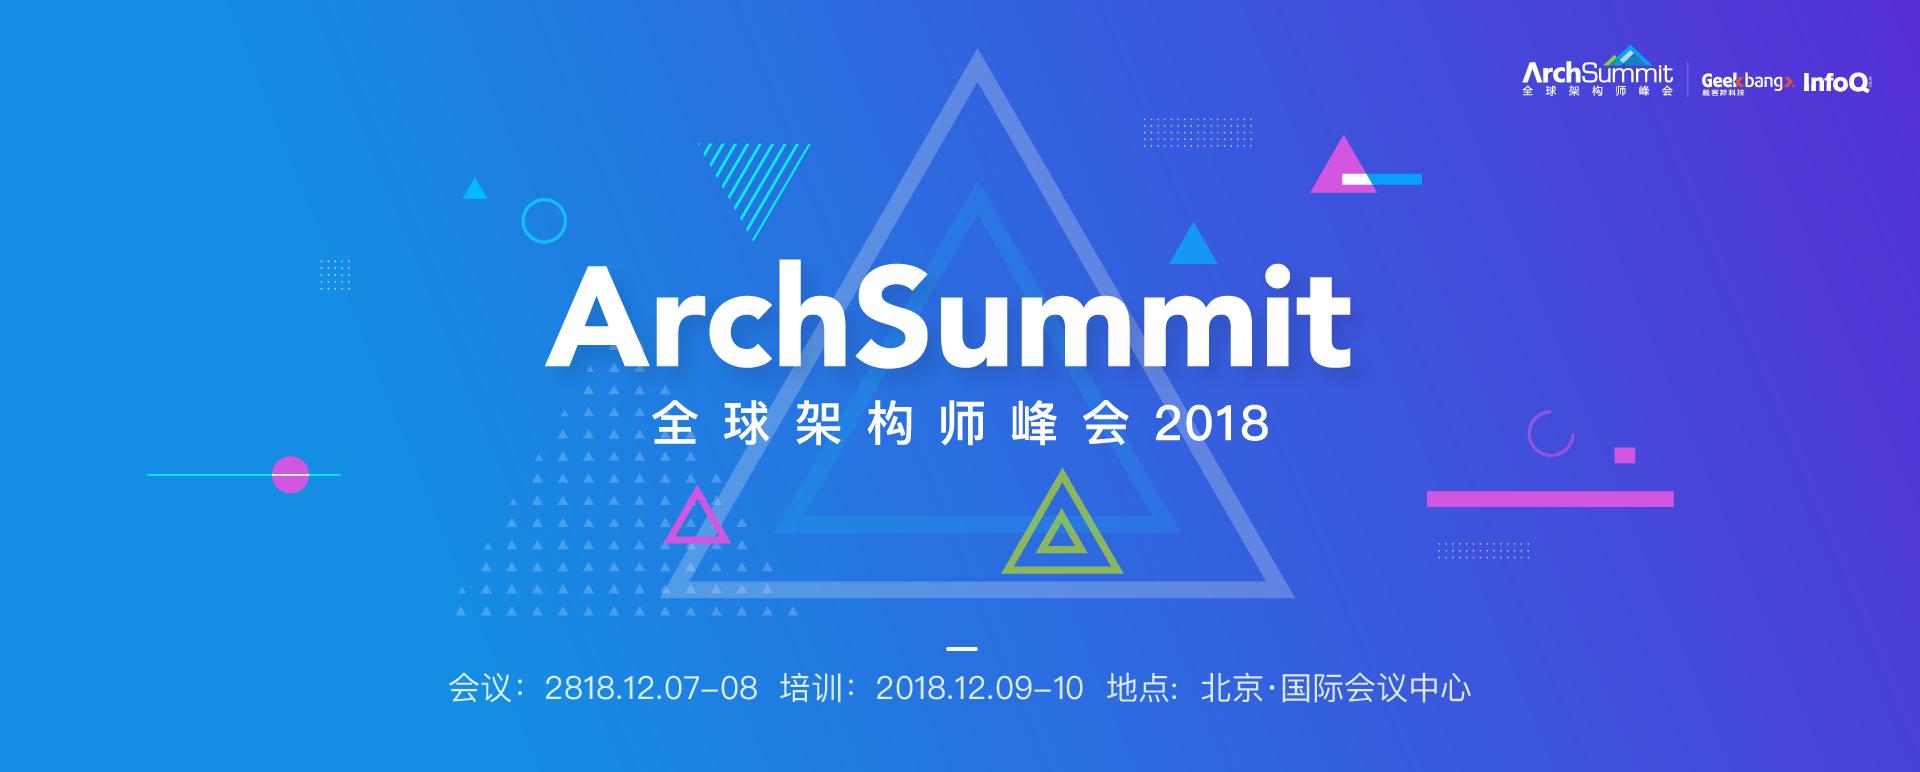 2018北京ArchSummit回顾